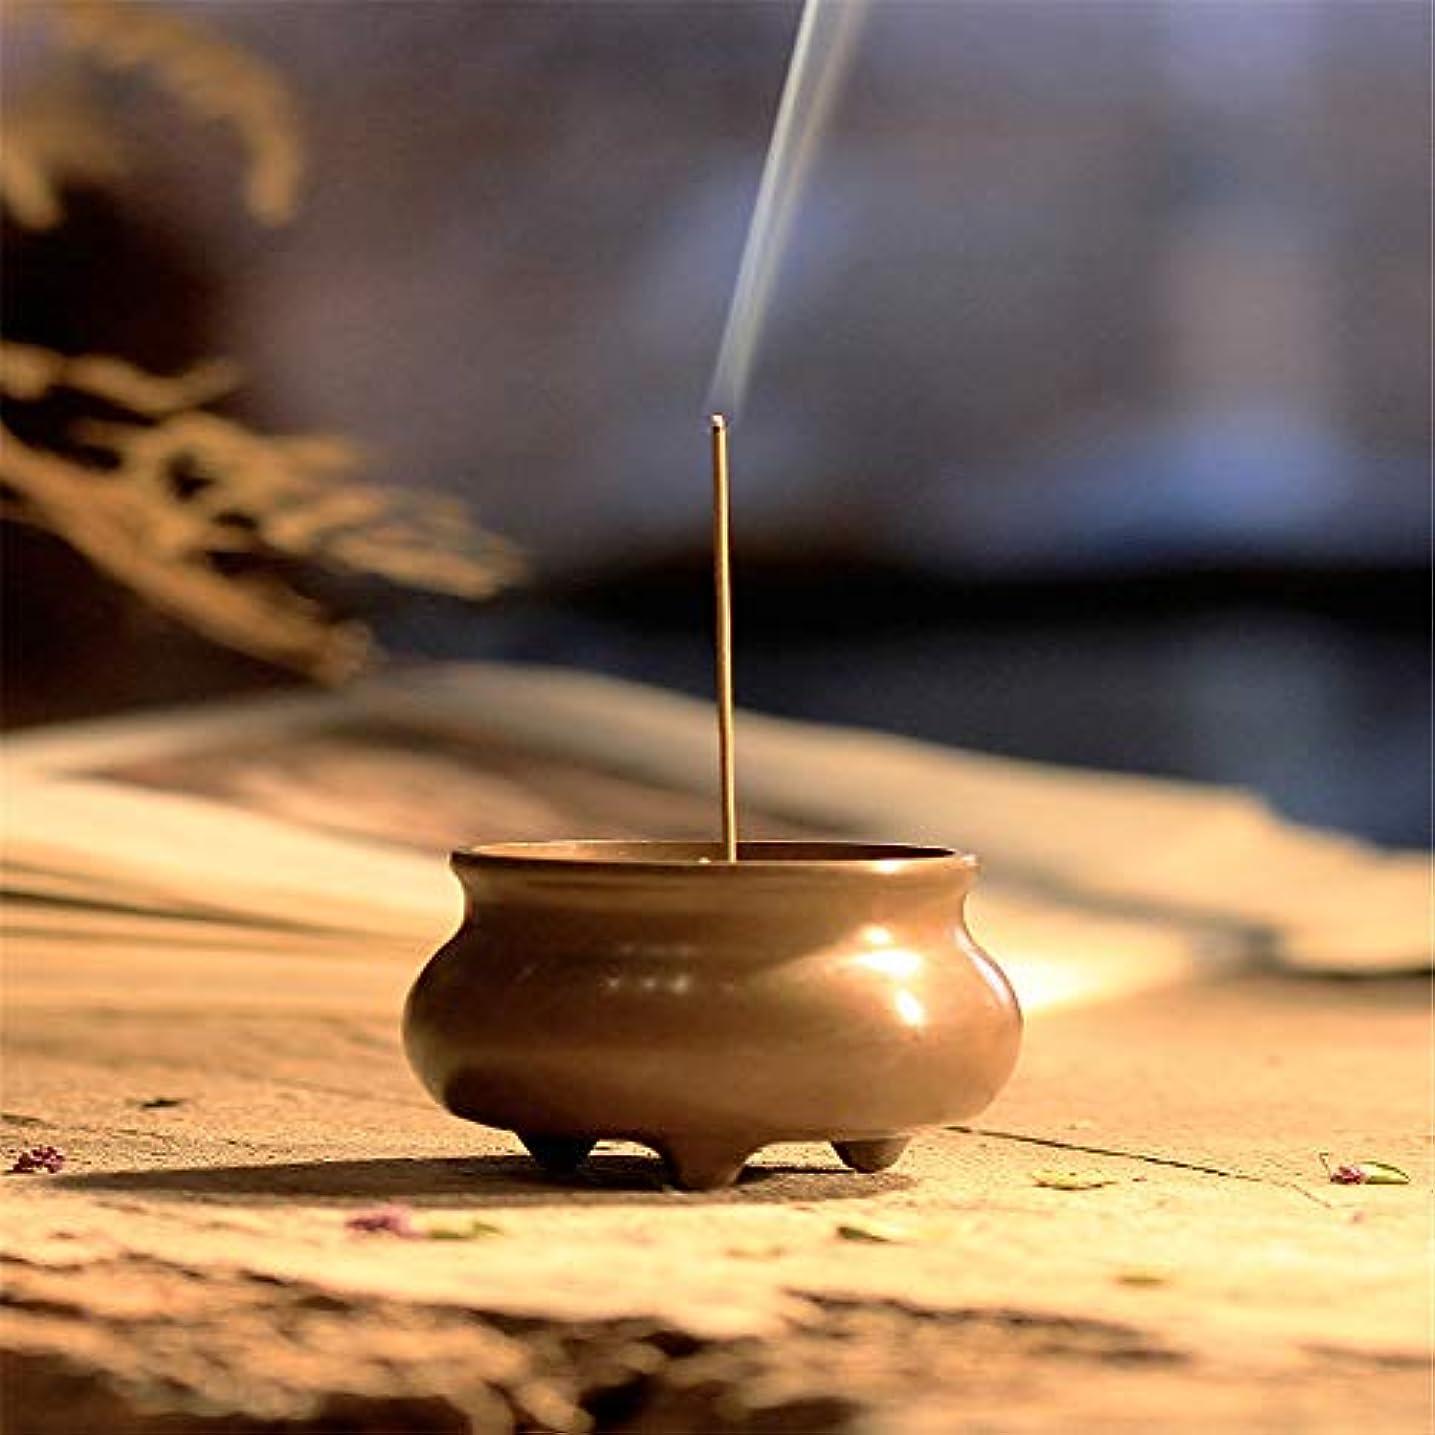 の間でスキーセーターミニ家庭用銅香炉寒天炉小さな銅炉ホームオフィス茶室ホーム装飾用香炉に戻る4.8 * 3.8 * 3.6 cm